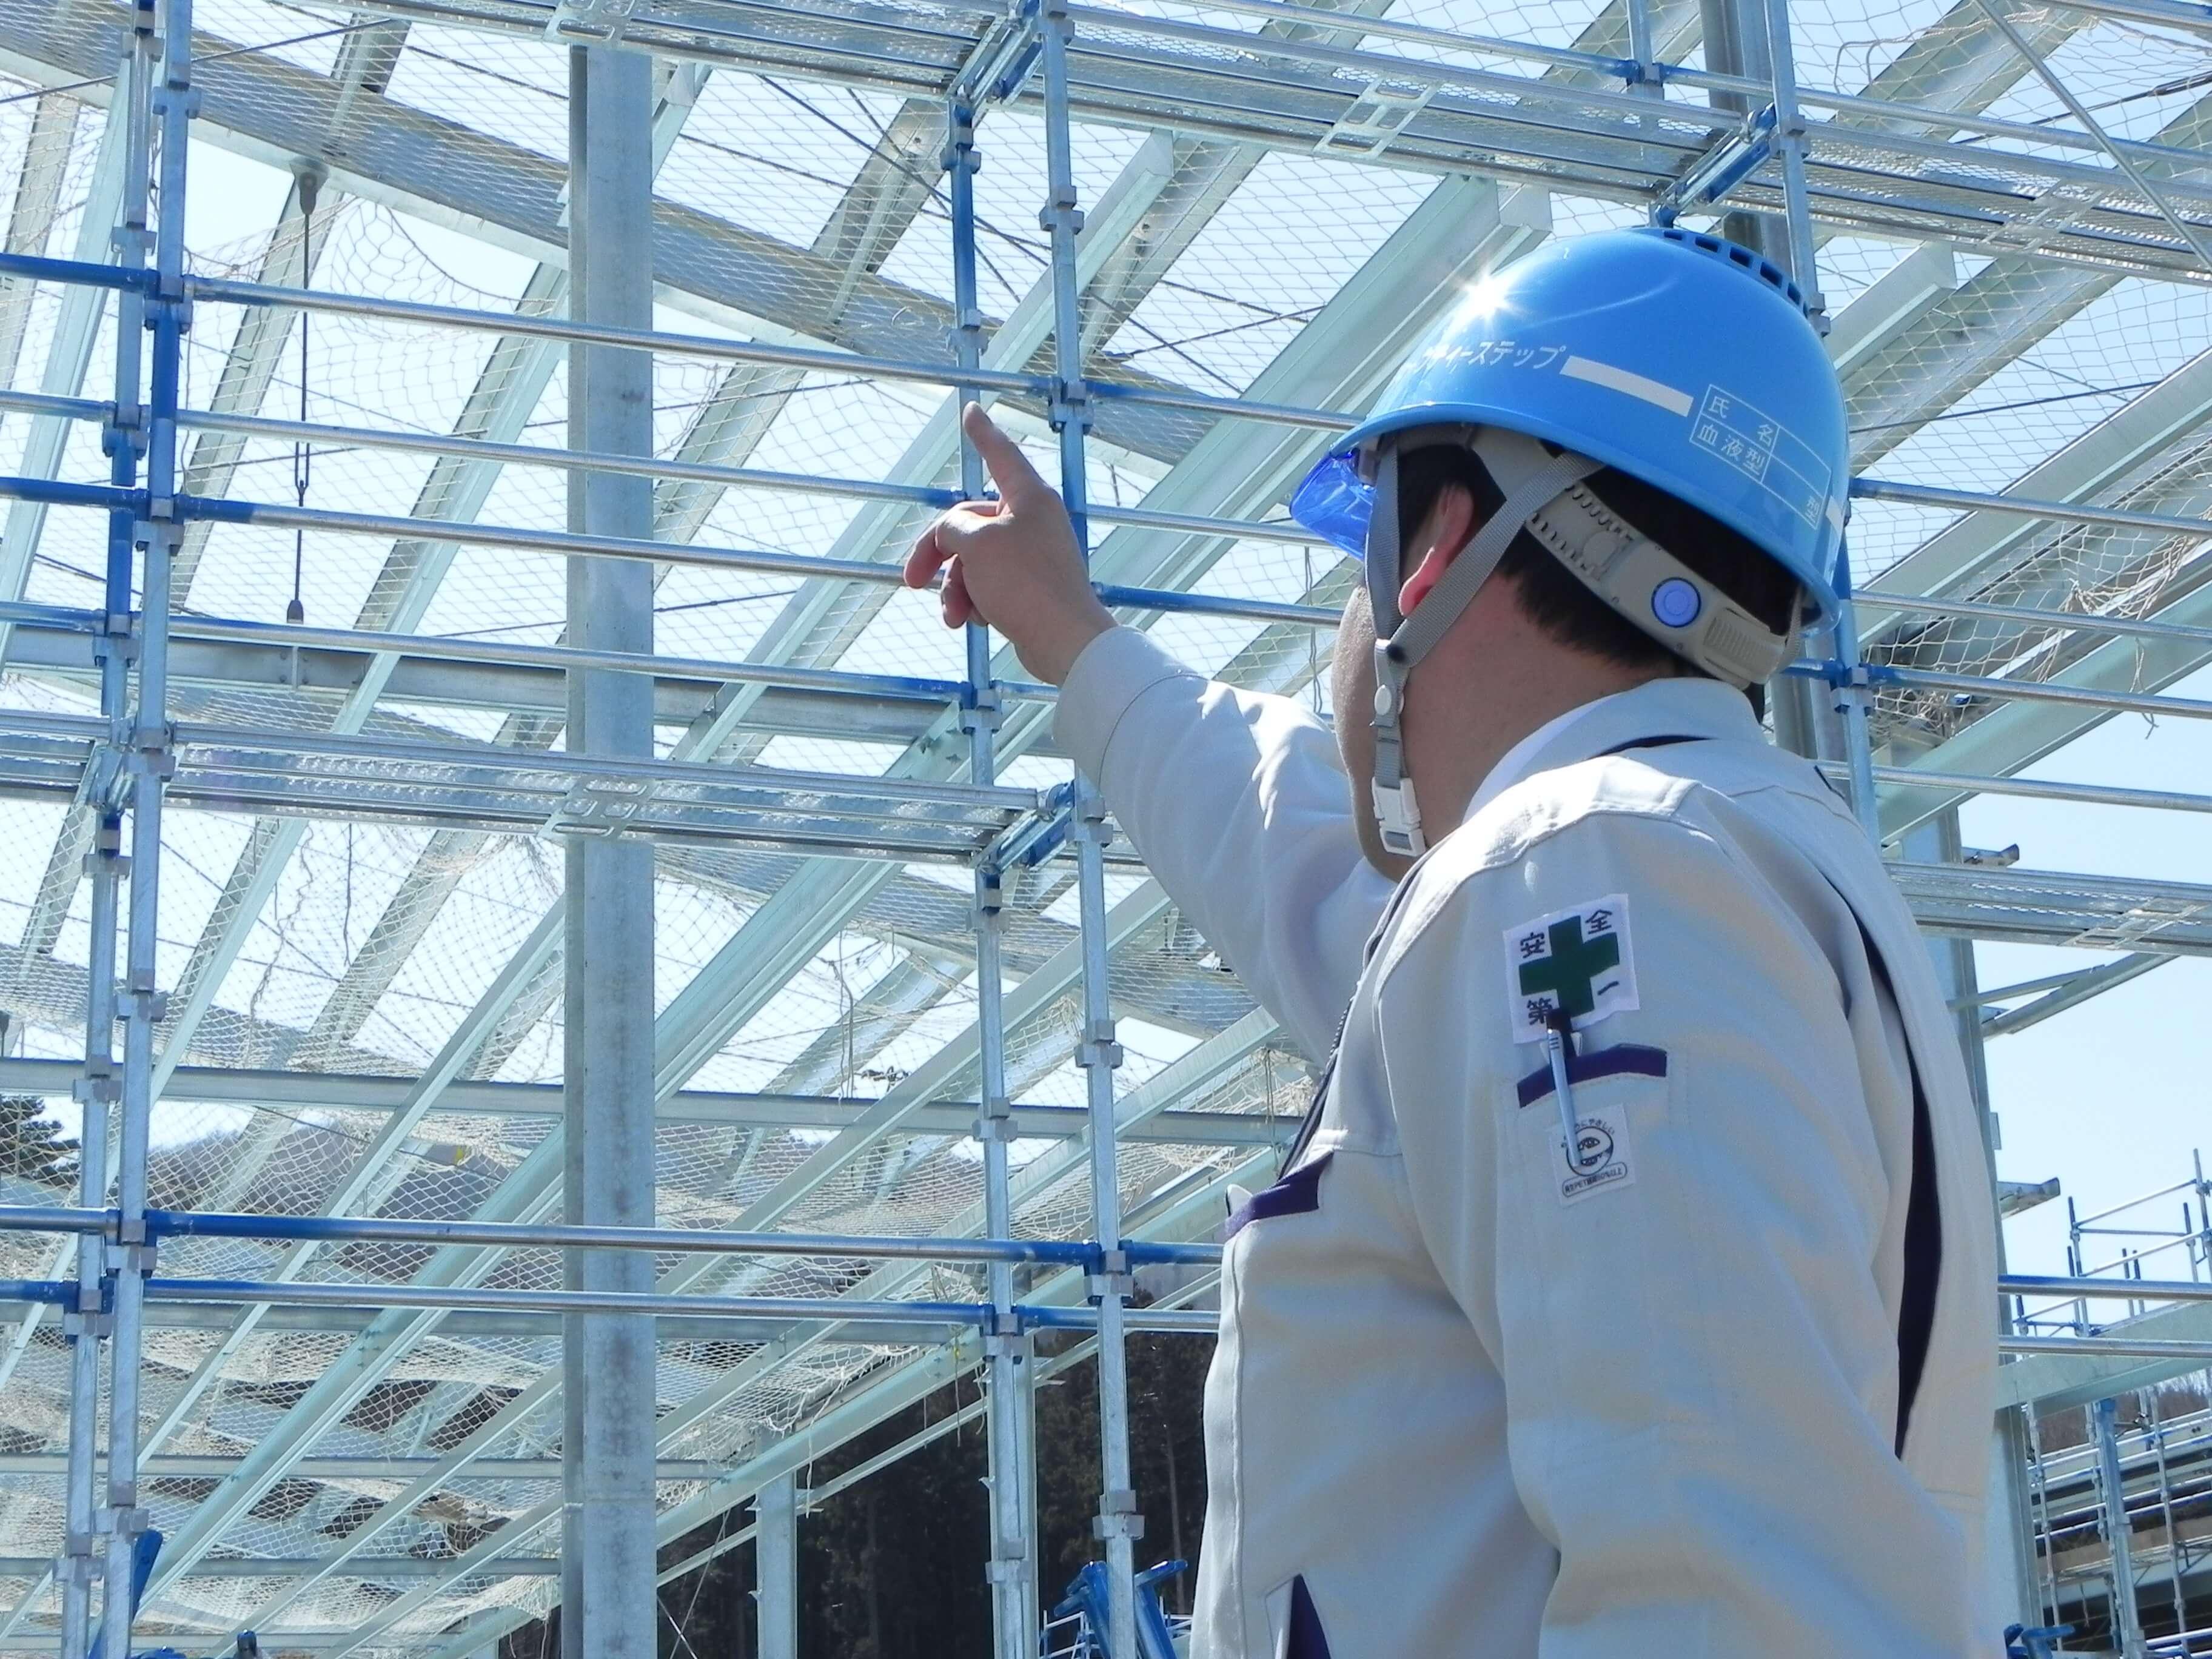 福島のセーフティーステップは足場施工のプロとして品質管理にこだわります